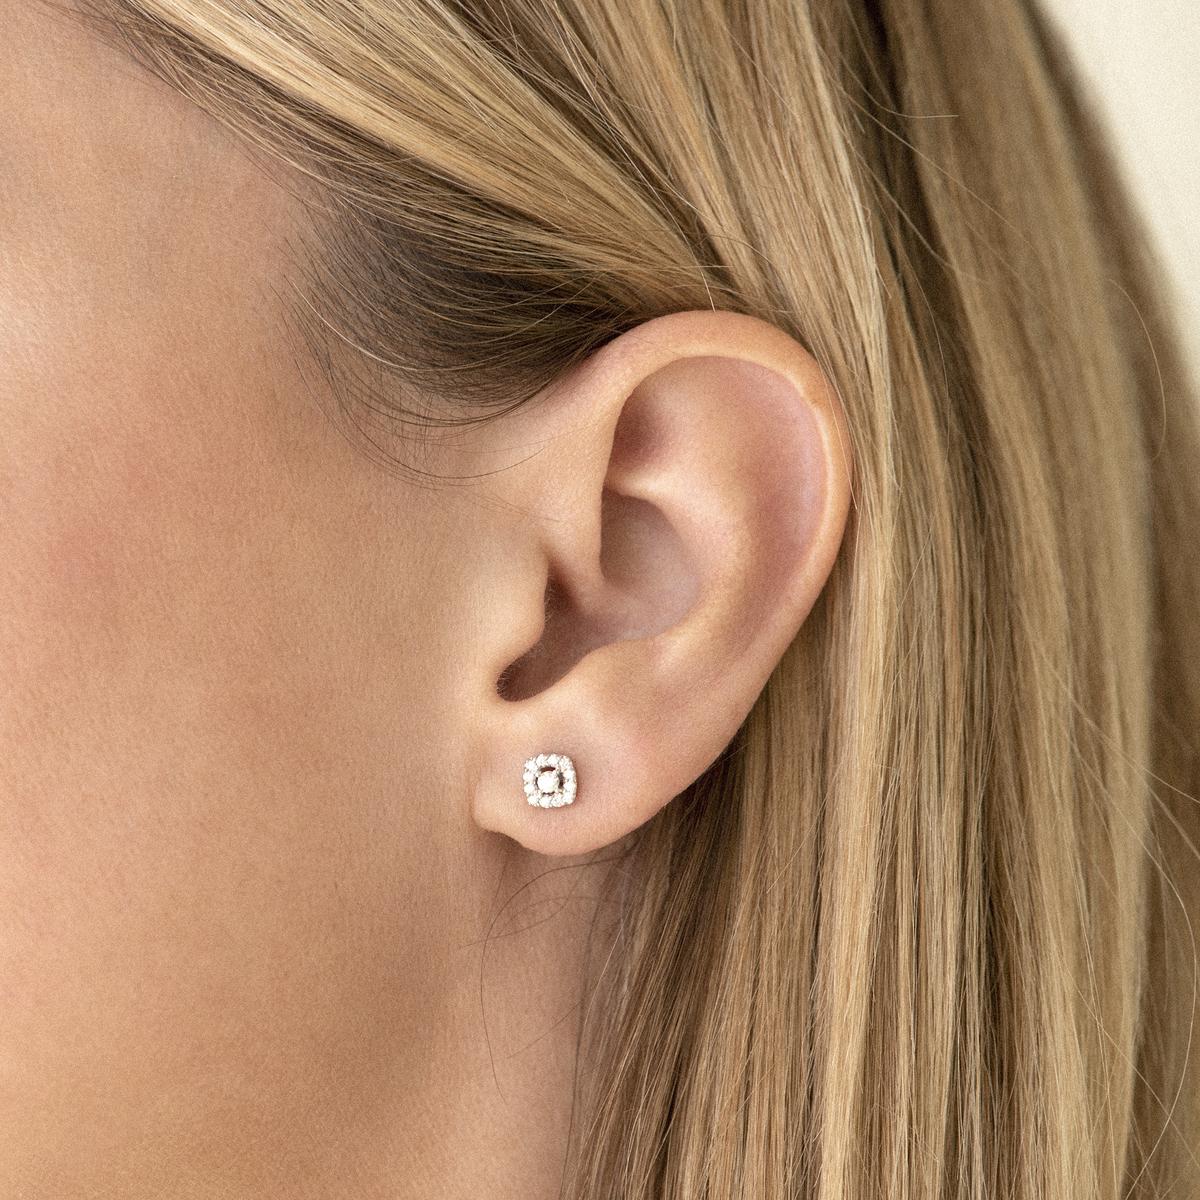 salina earrings in yellow gold